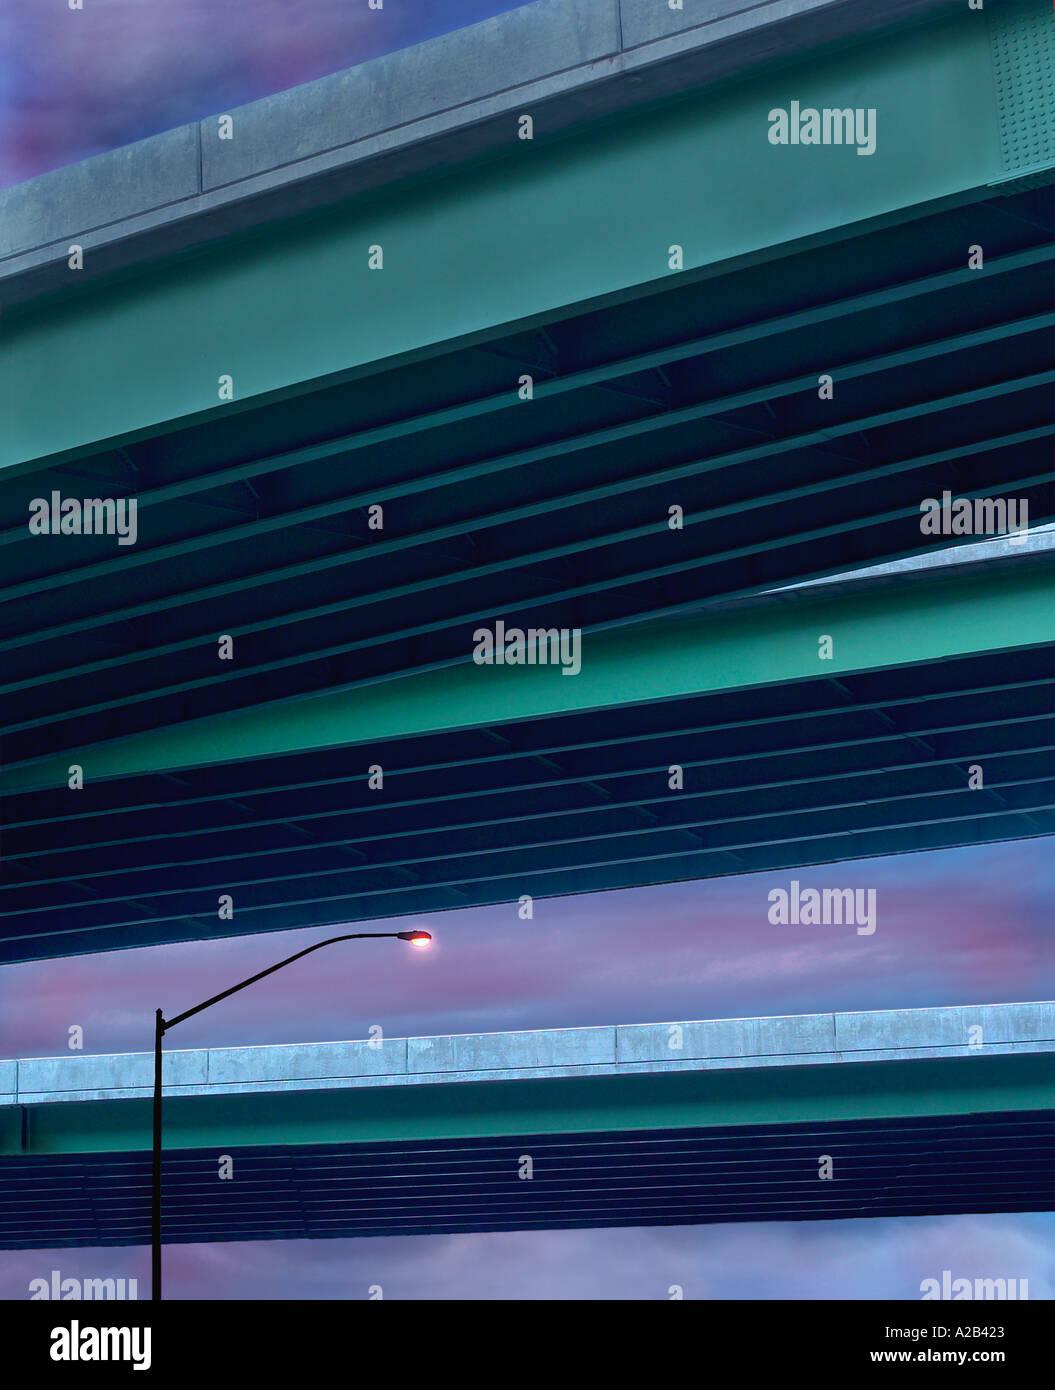 Leichte Post Lampe & Autobahnen Überführung Stockfoto